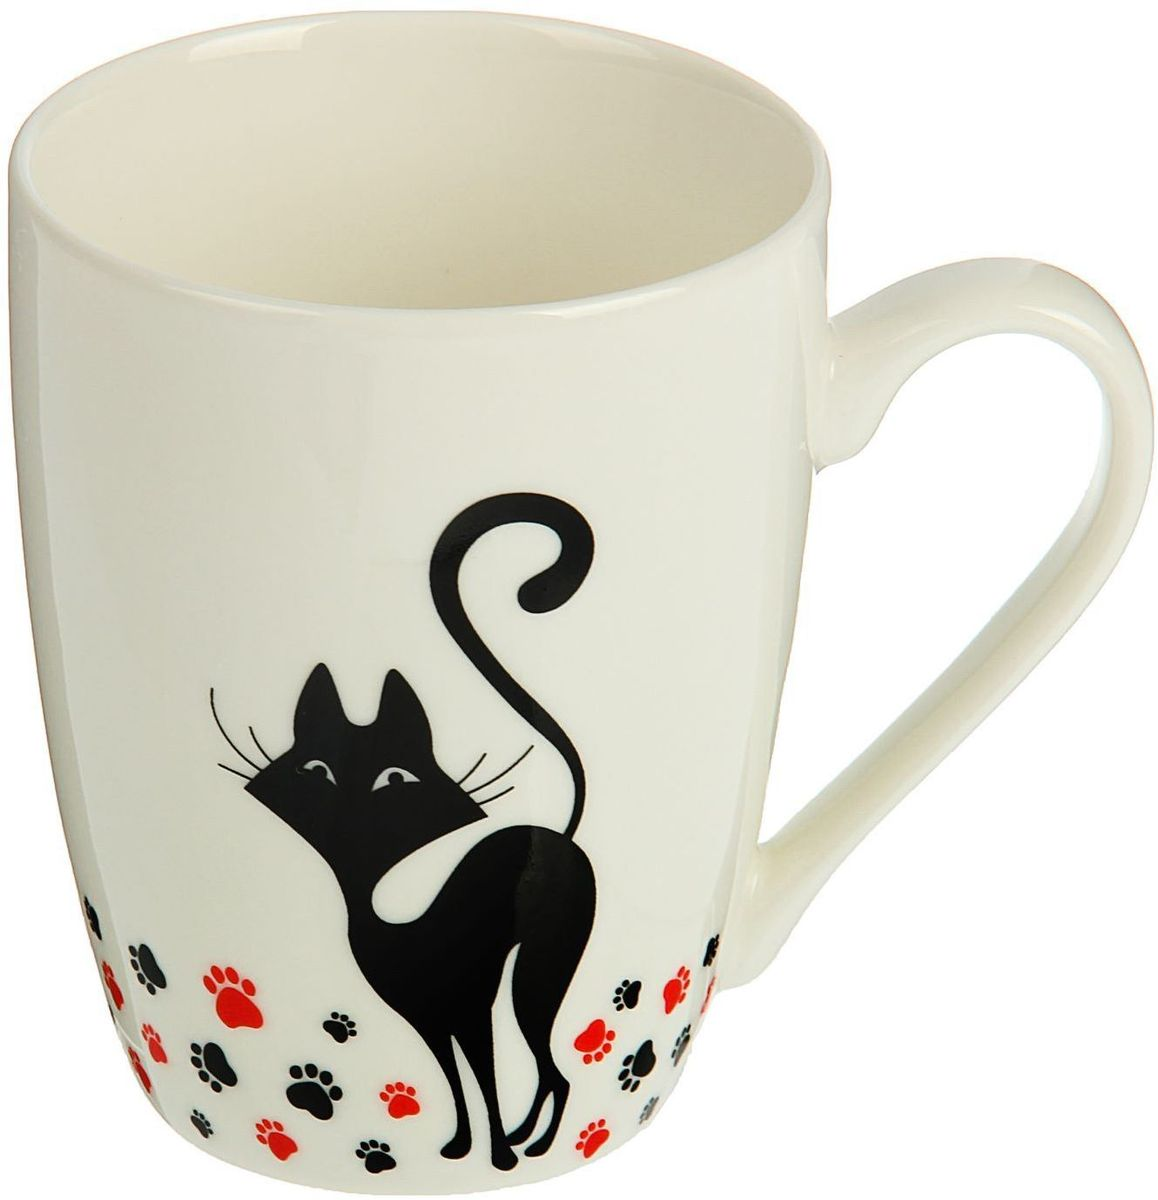 """Кружка Доляна """"Котики"""" изготовлена из керамики. Она украшена оригинальным рисунком с котами. Кружка станет отличным подарком для родных и близких. Это любимый аксессуар на долгие годы.  Относитесь к изделию бережно, и оно будет дарить прекрасное настроение каждый день."""